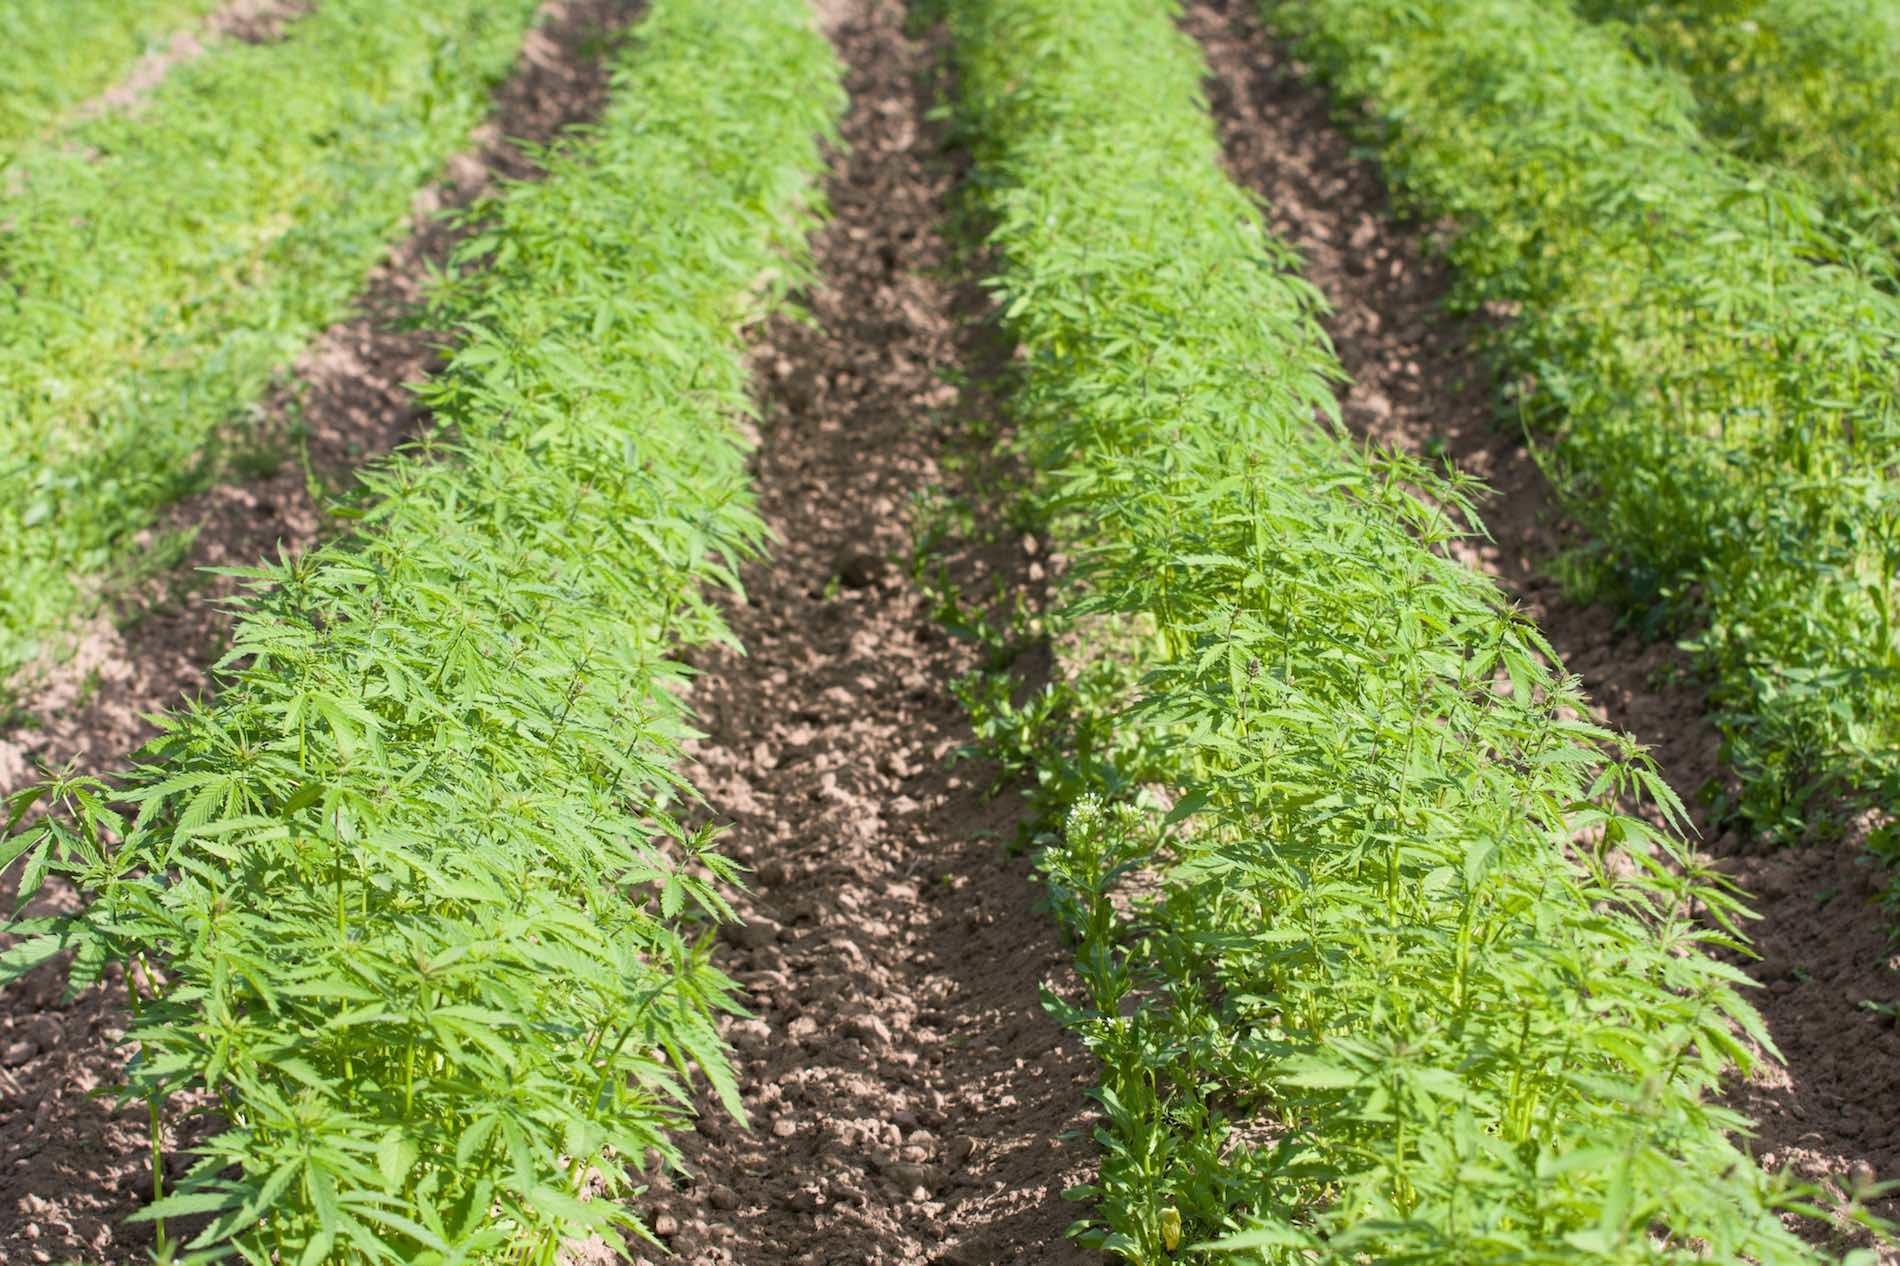 Field of cannabis sativa l hemp